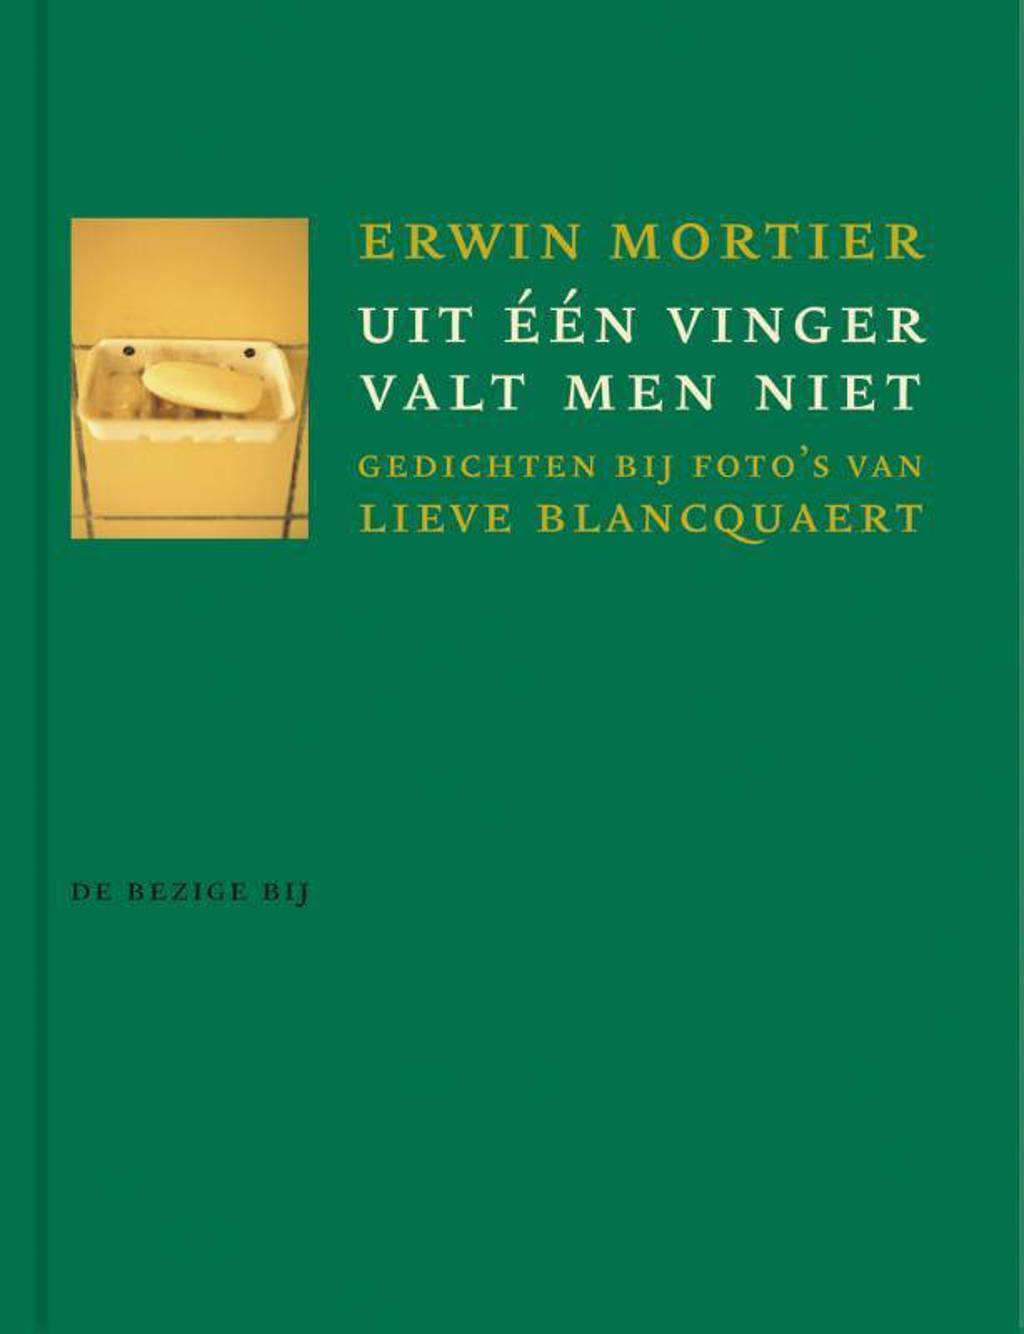 Uit een vinger valt men niet - Erwin Mortier